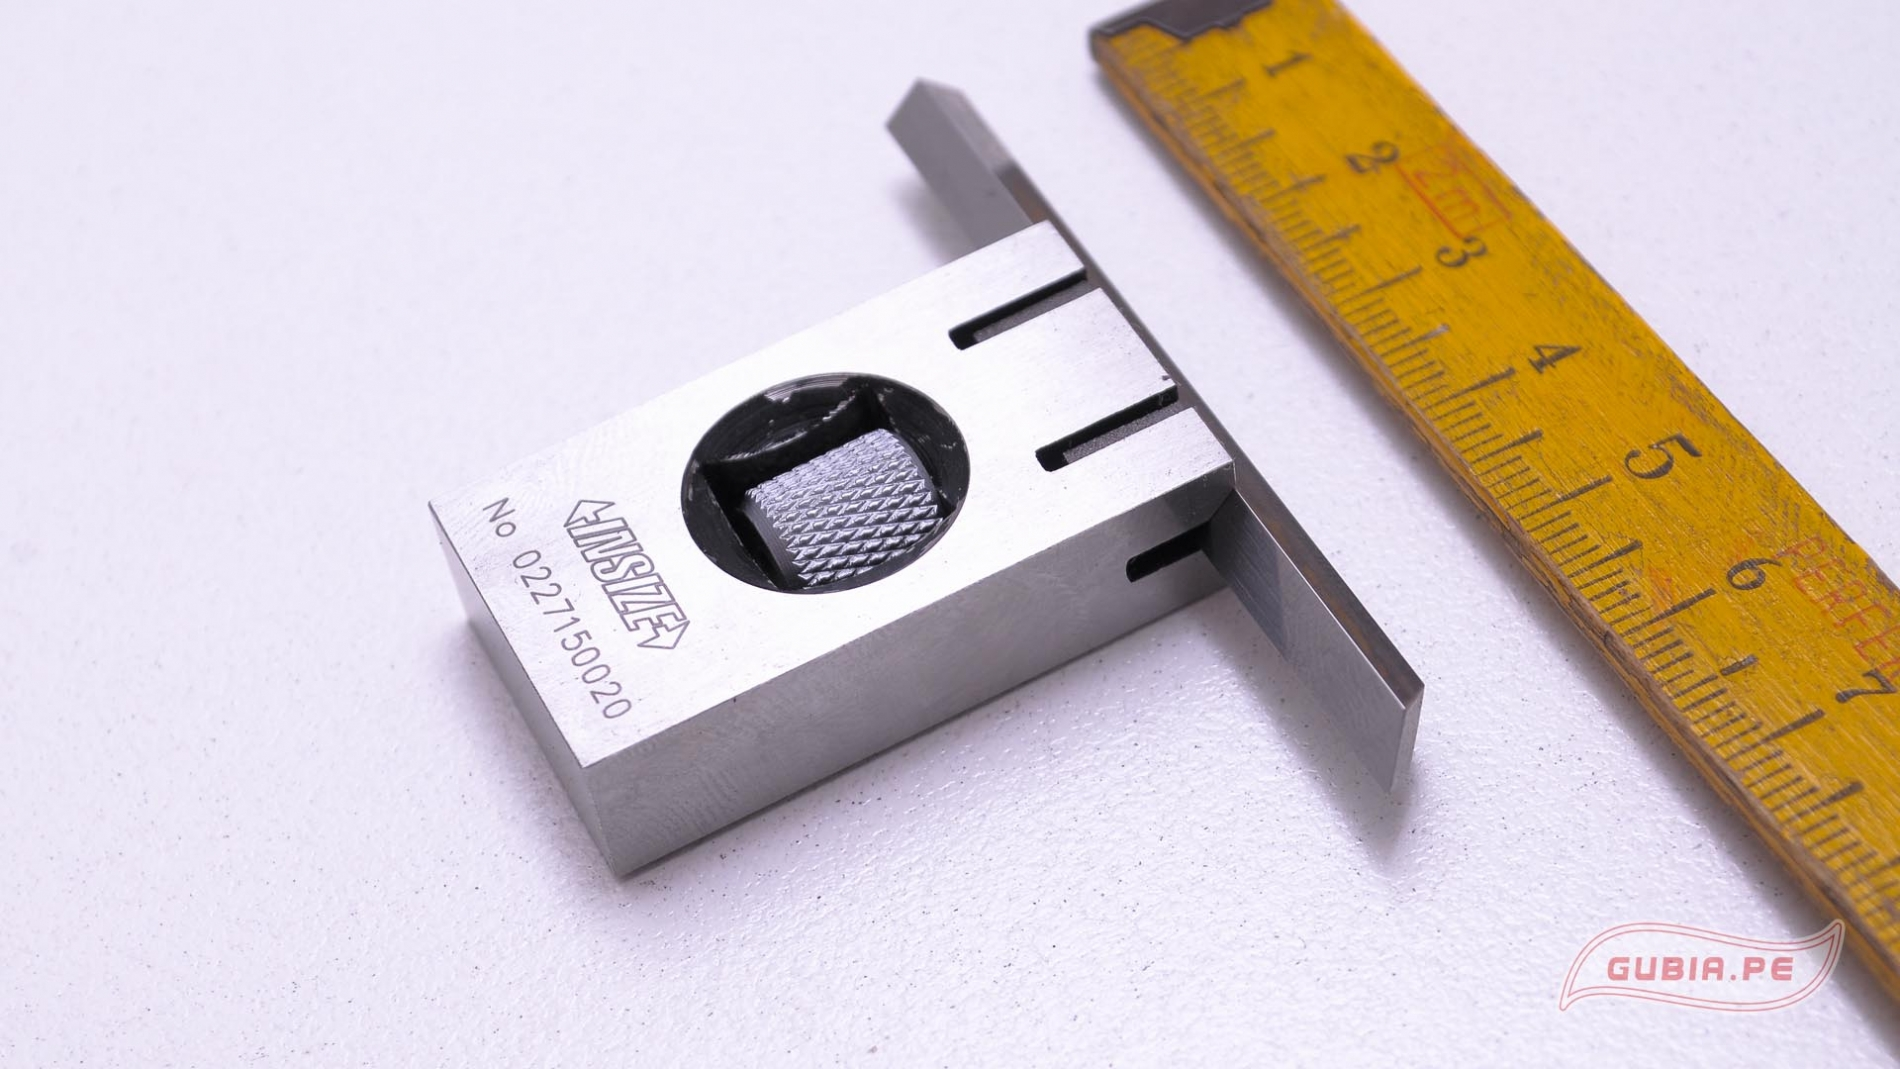 4701-01-Escuadrita ajustable y precisa medir angulo recto uniones caja 6x38 mm INSIZE 4701-01-max-9.